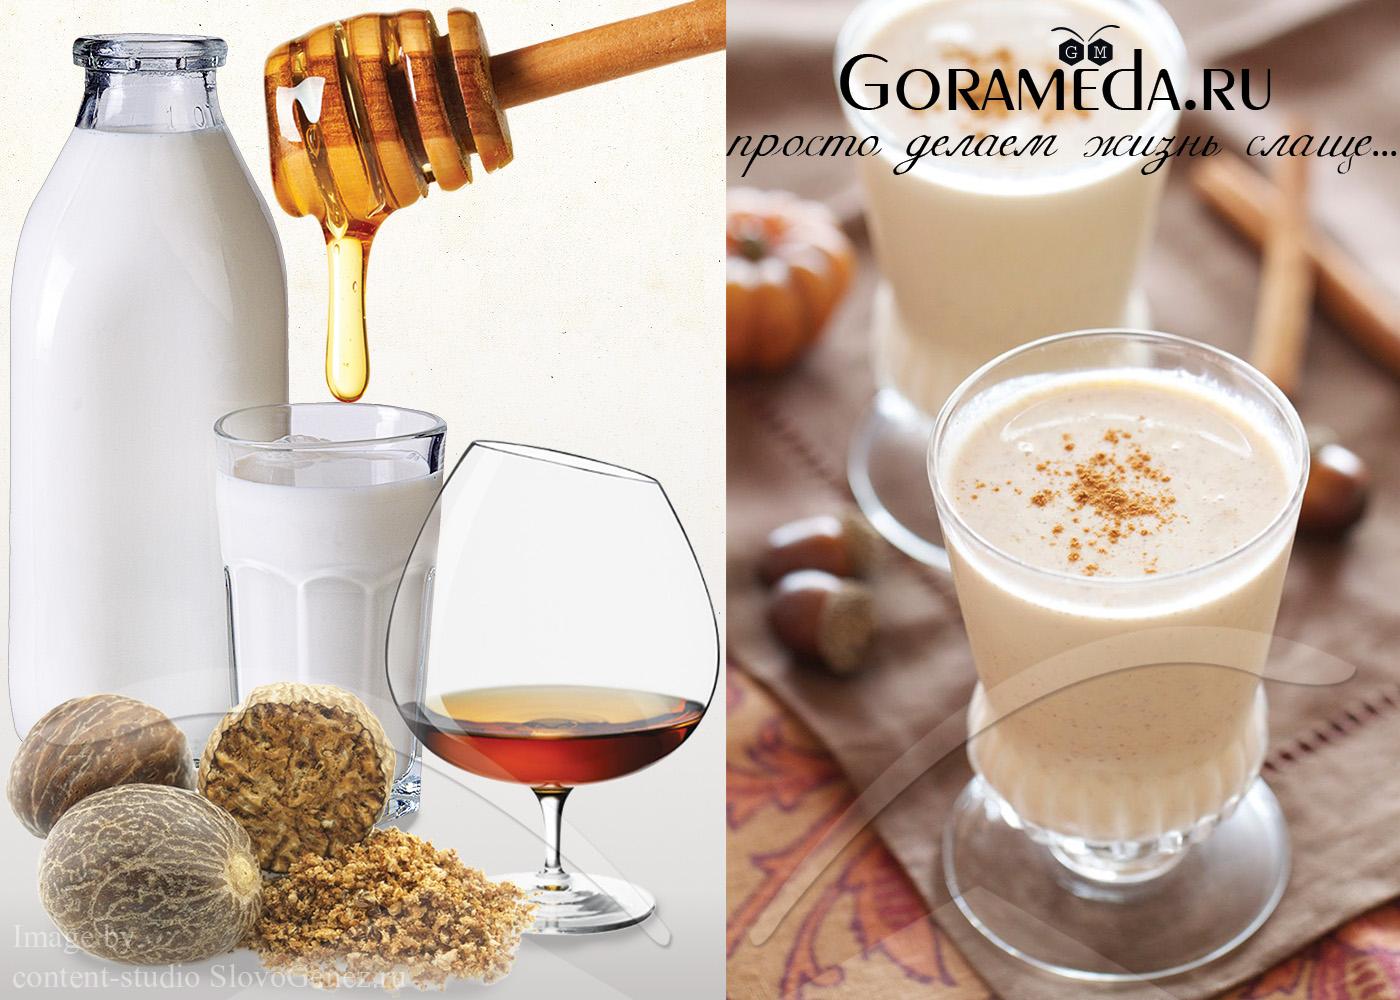 рецепт молочного коктейля с коньяком